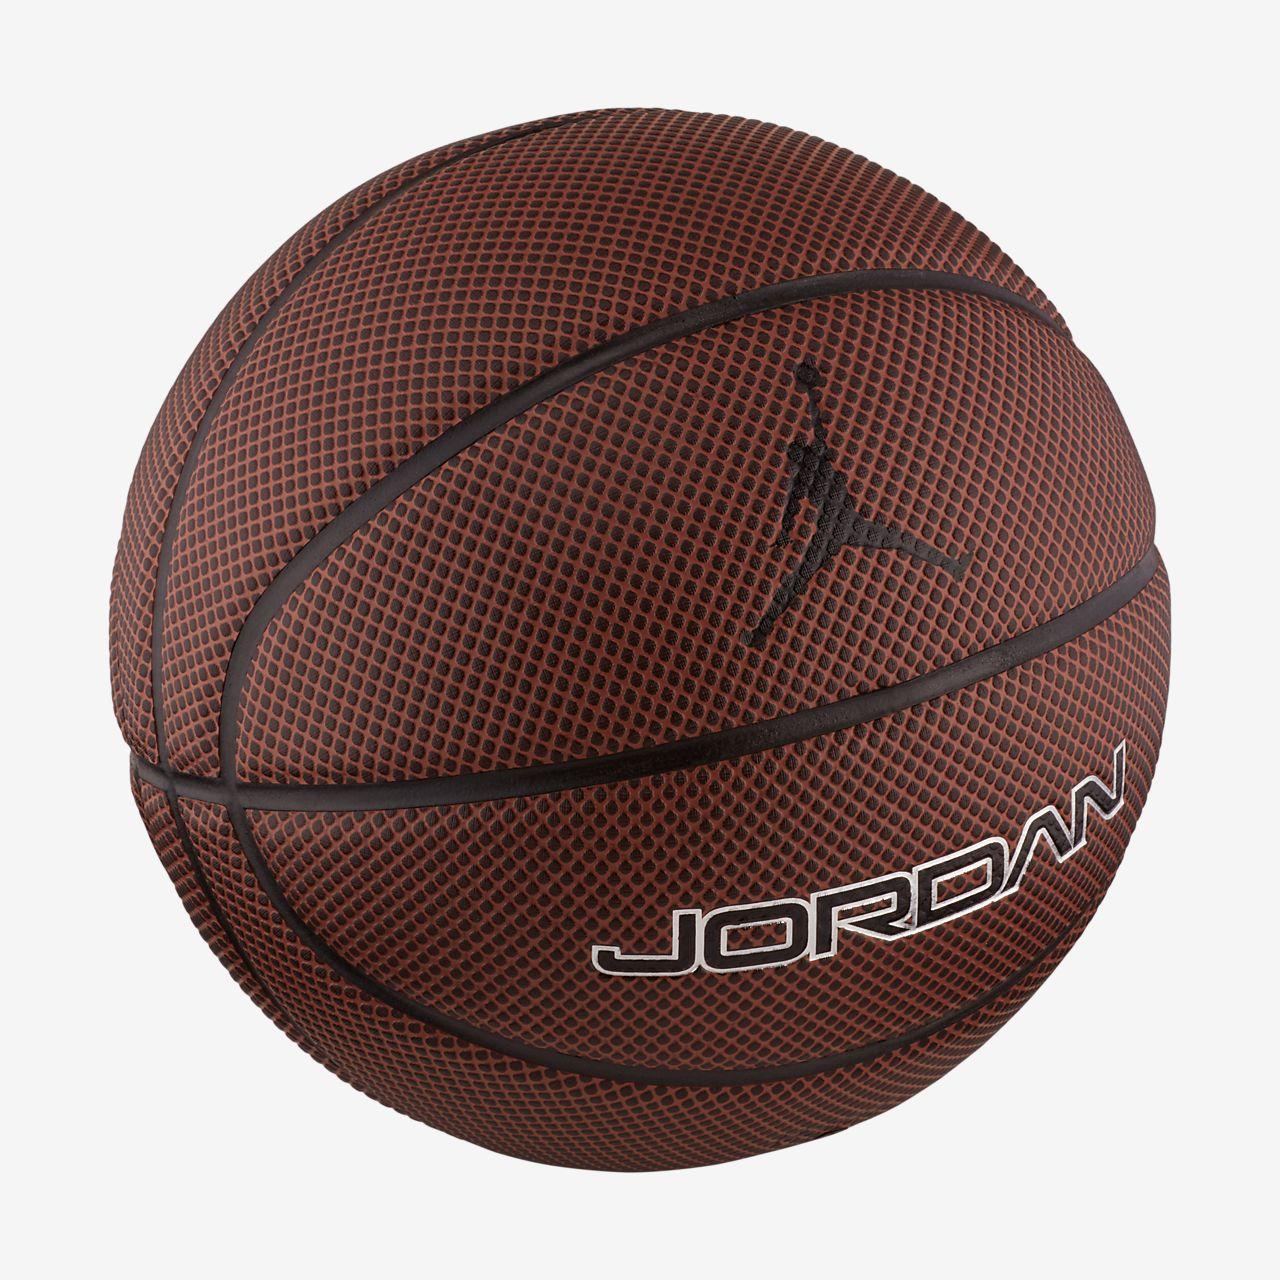 5b7f9e9d60f6e Ballon de basketball Jordan Legacy 8P (taille 7). Nike.com FR